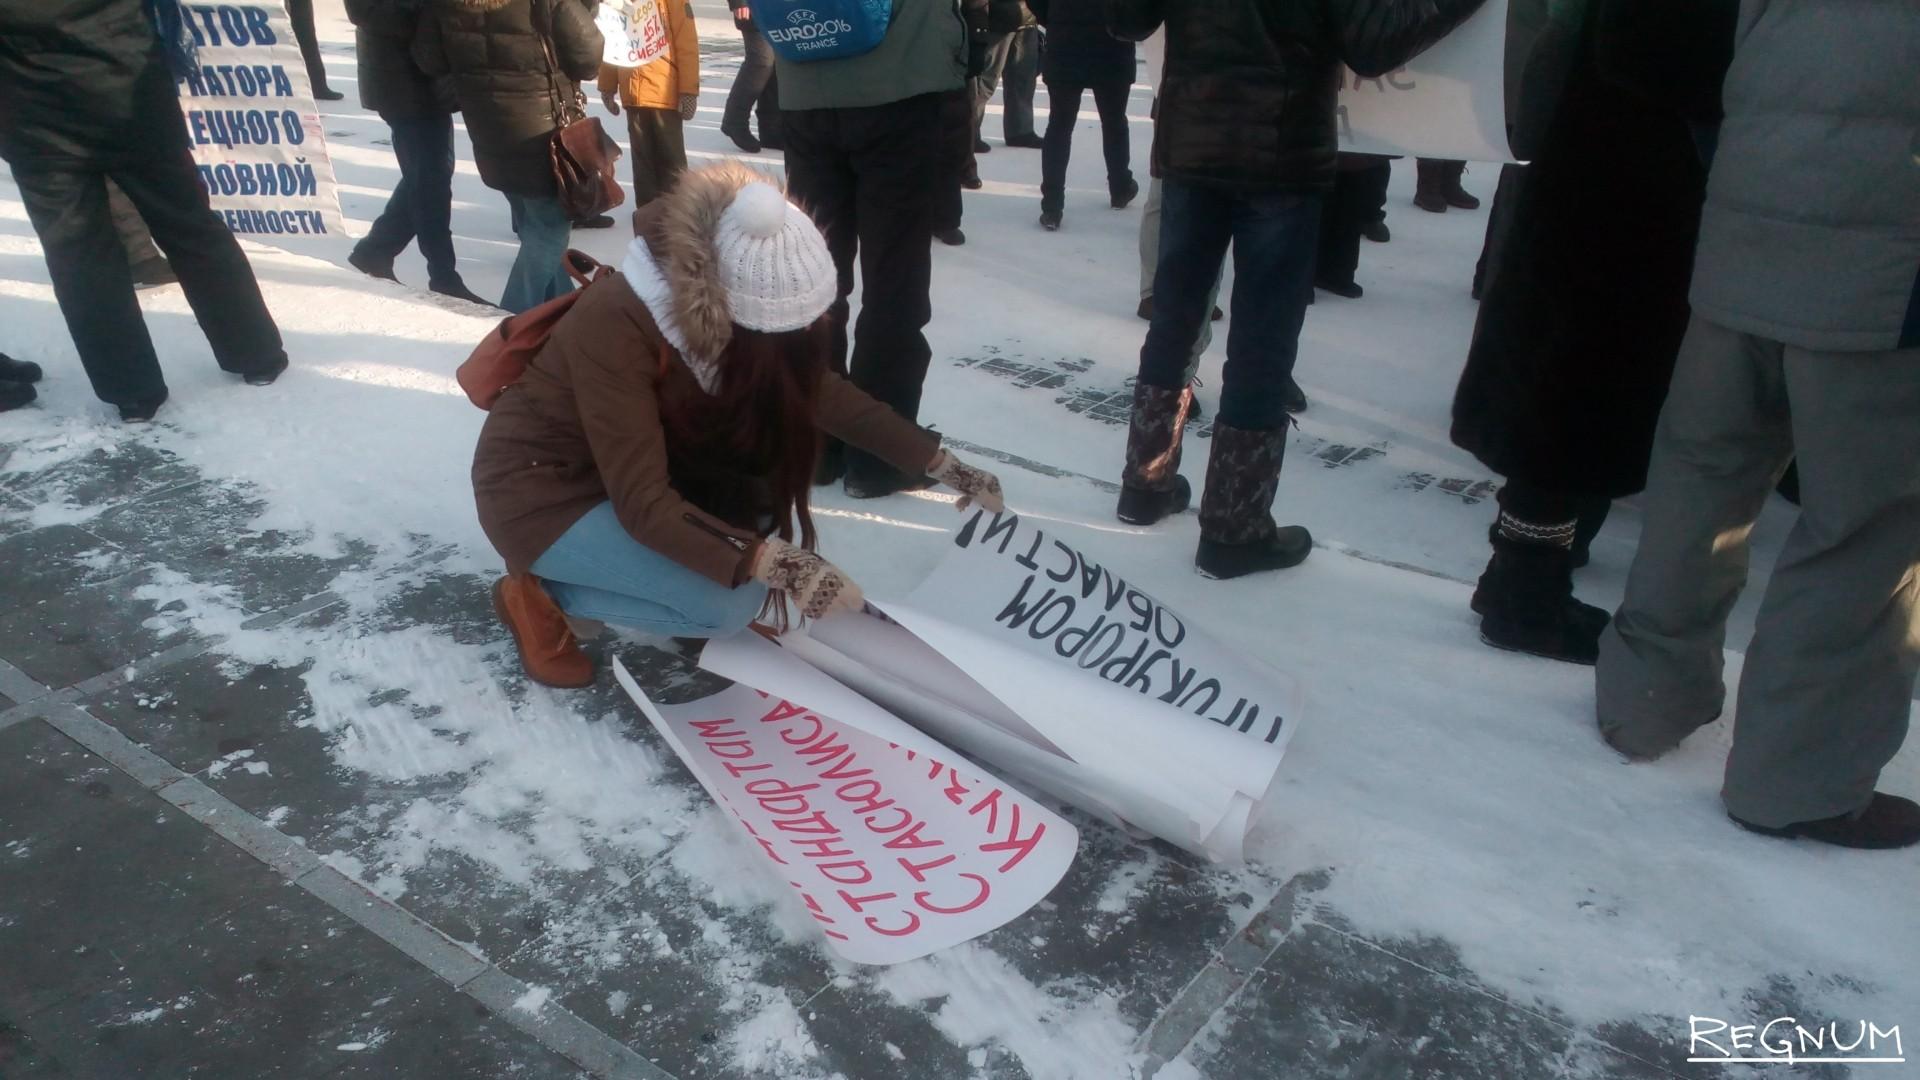 В Новосибирске состоялся второй митинг против роста тарифов на услуги ЖКХ сразу на 15%